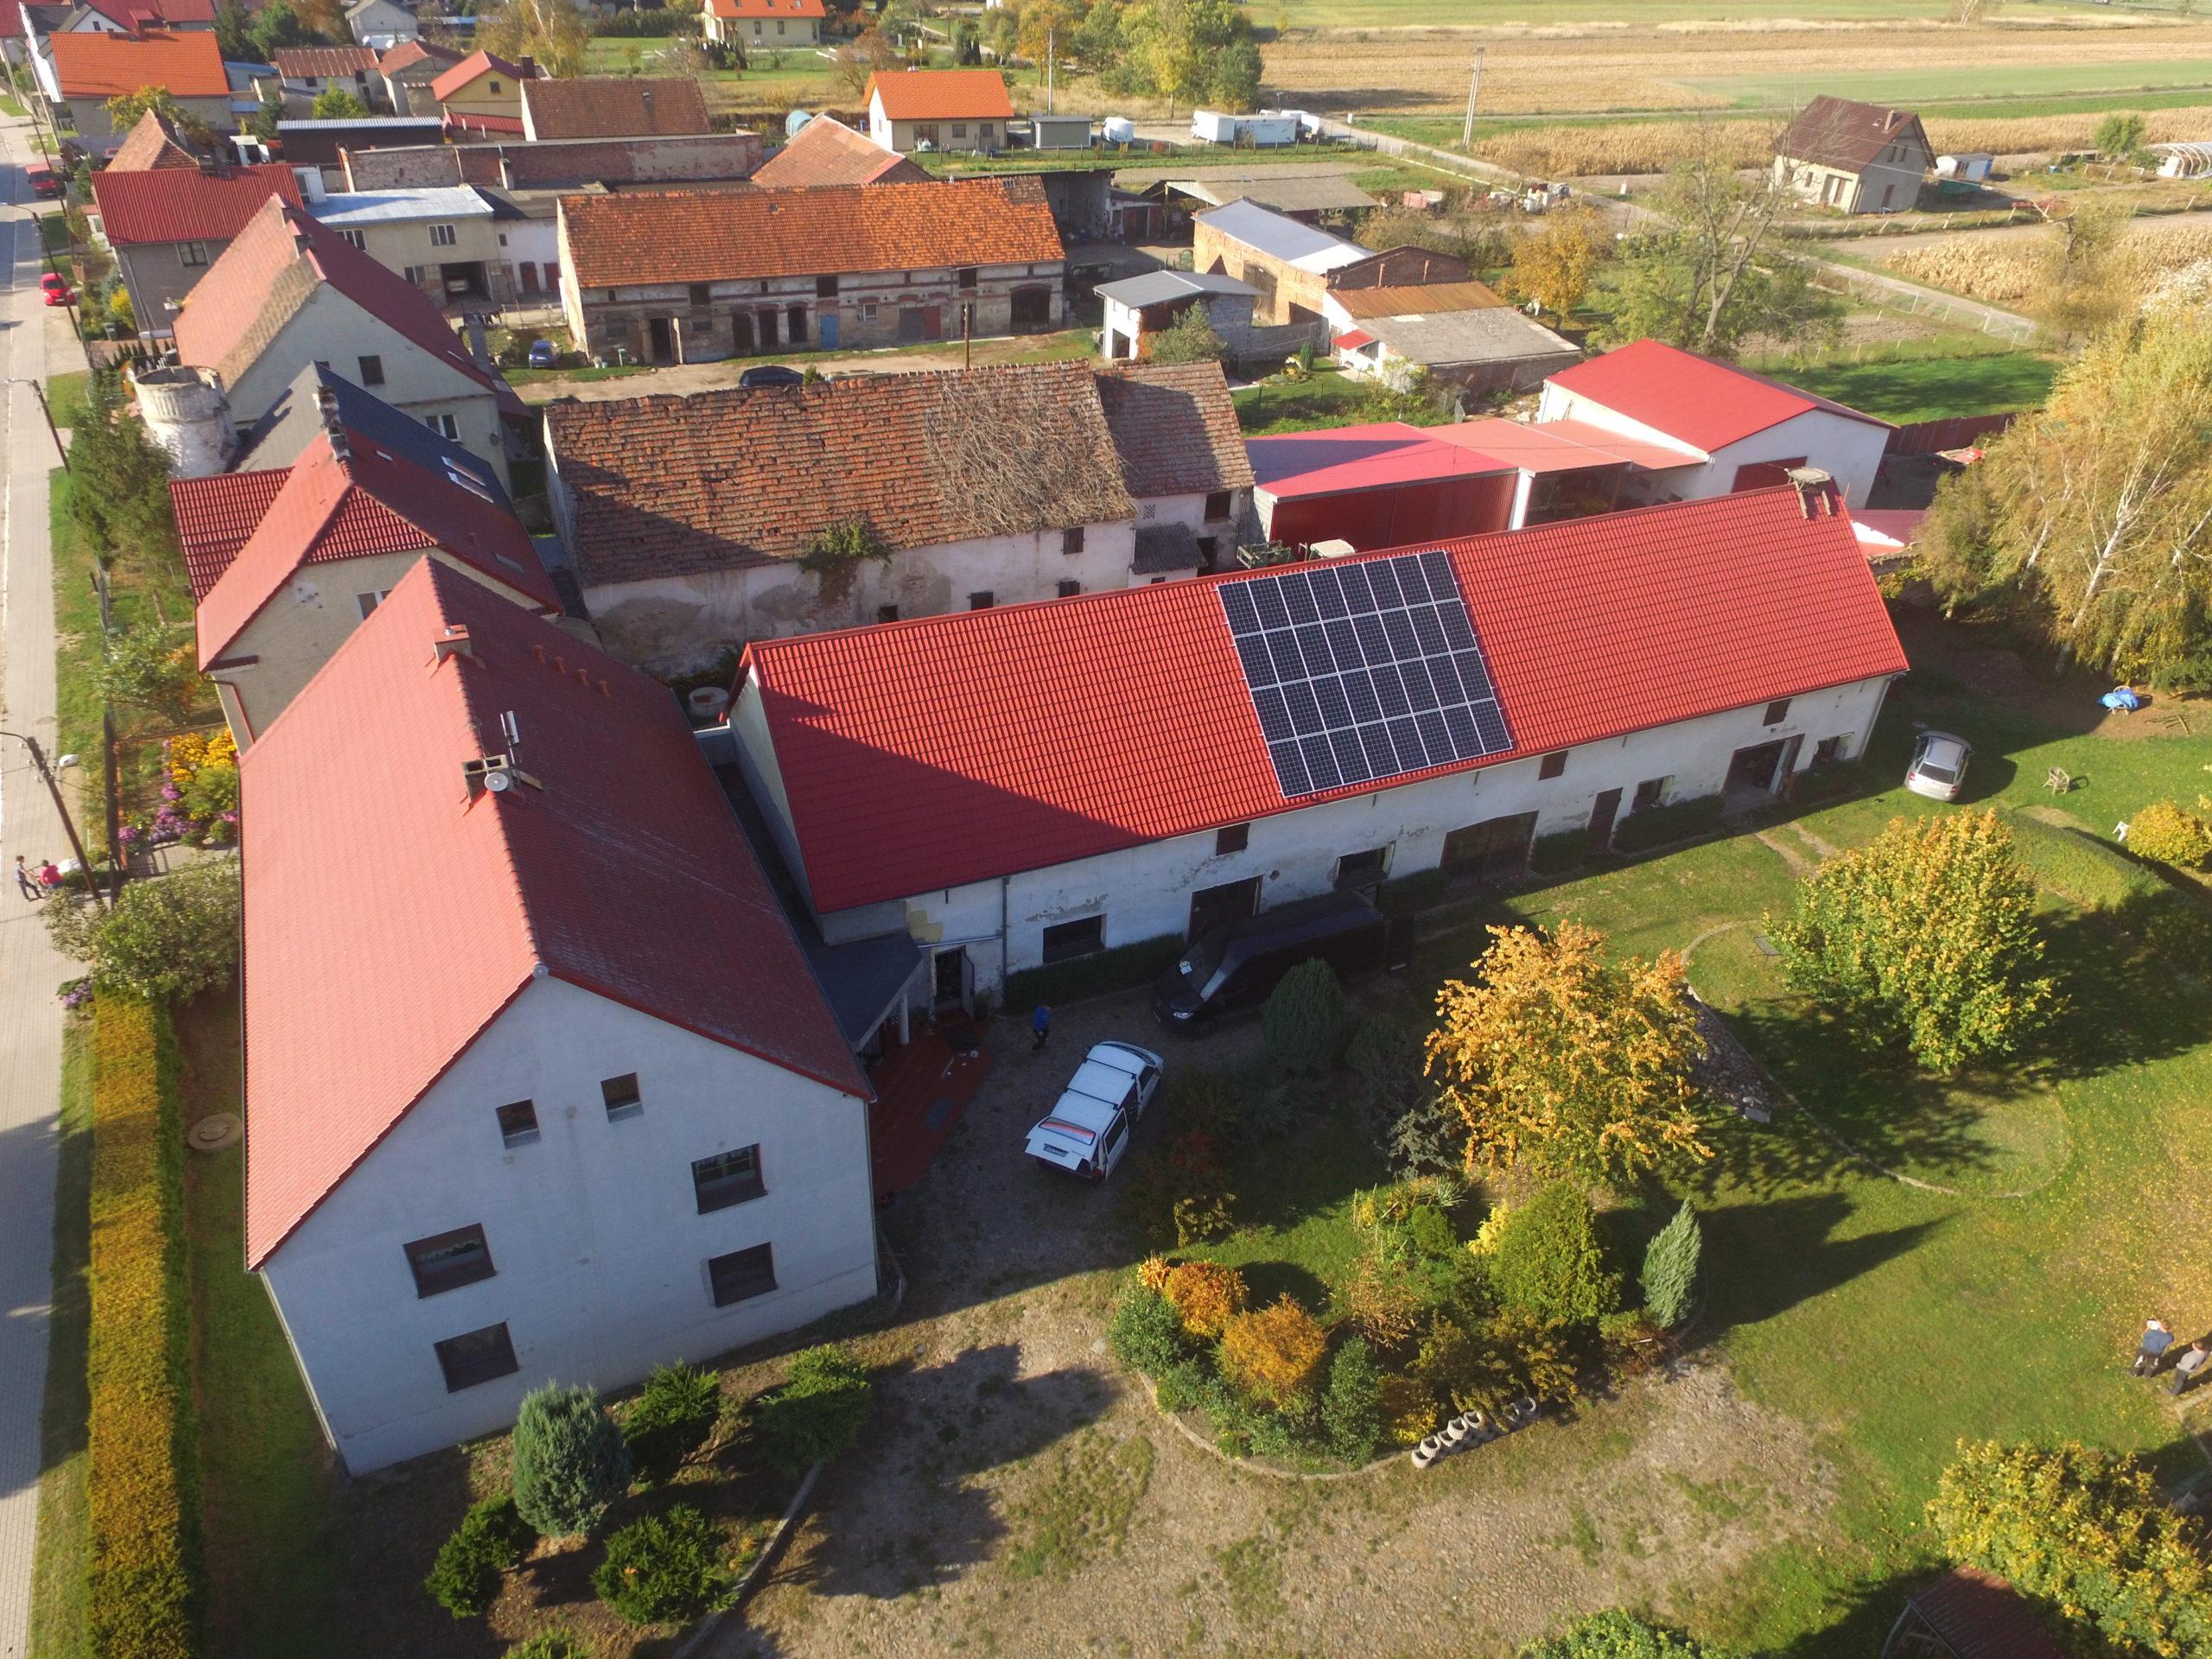 Instalacja fotowoltaiczna o mocy 10 kWp na budynku gospodarczym, Jankowice